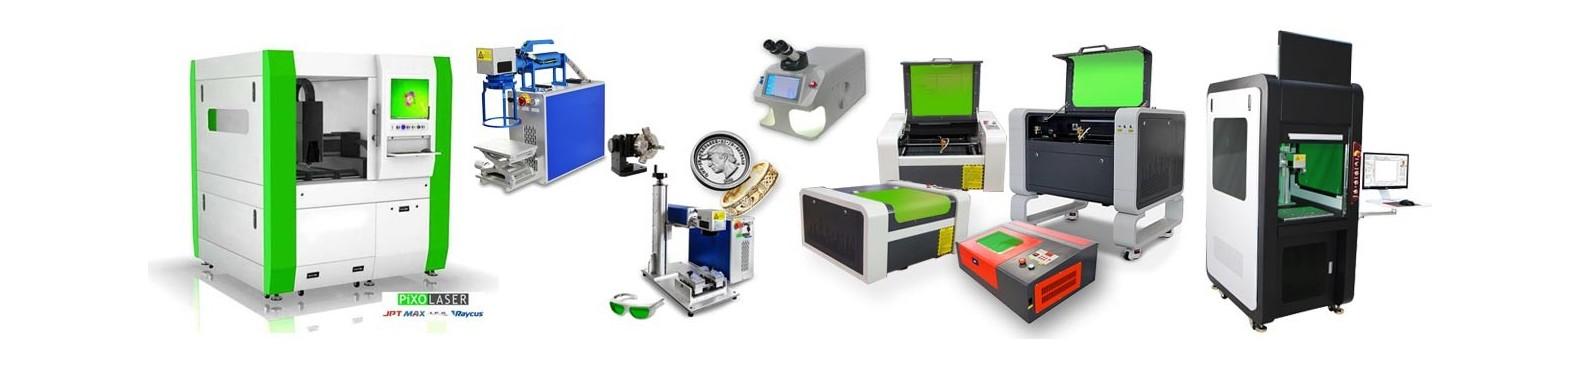 Maszyny laserowe